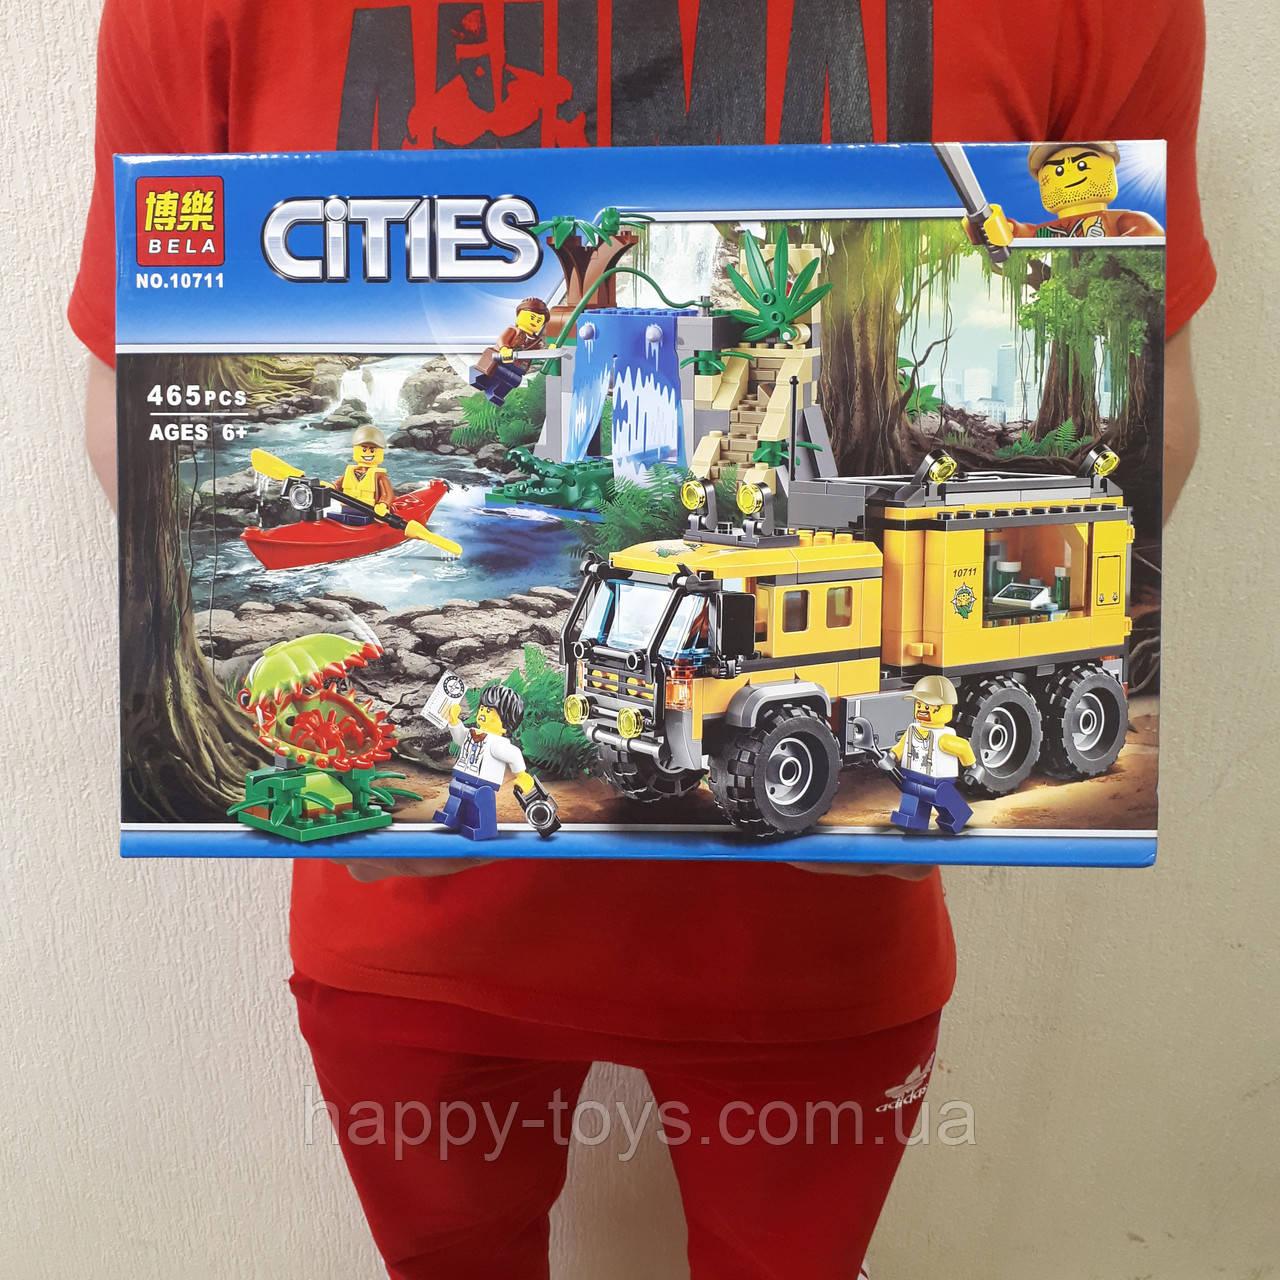 Конструктор Сити Исследователи джунглей 465 деталей, аналог Лего, Bela 10711